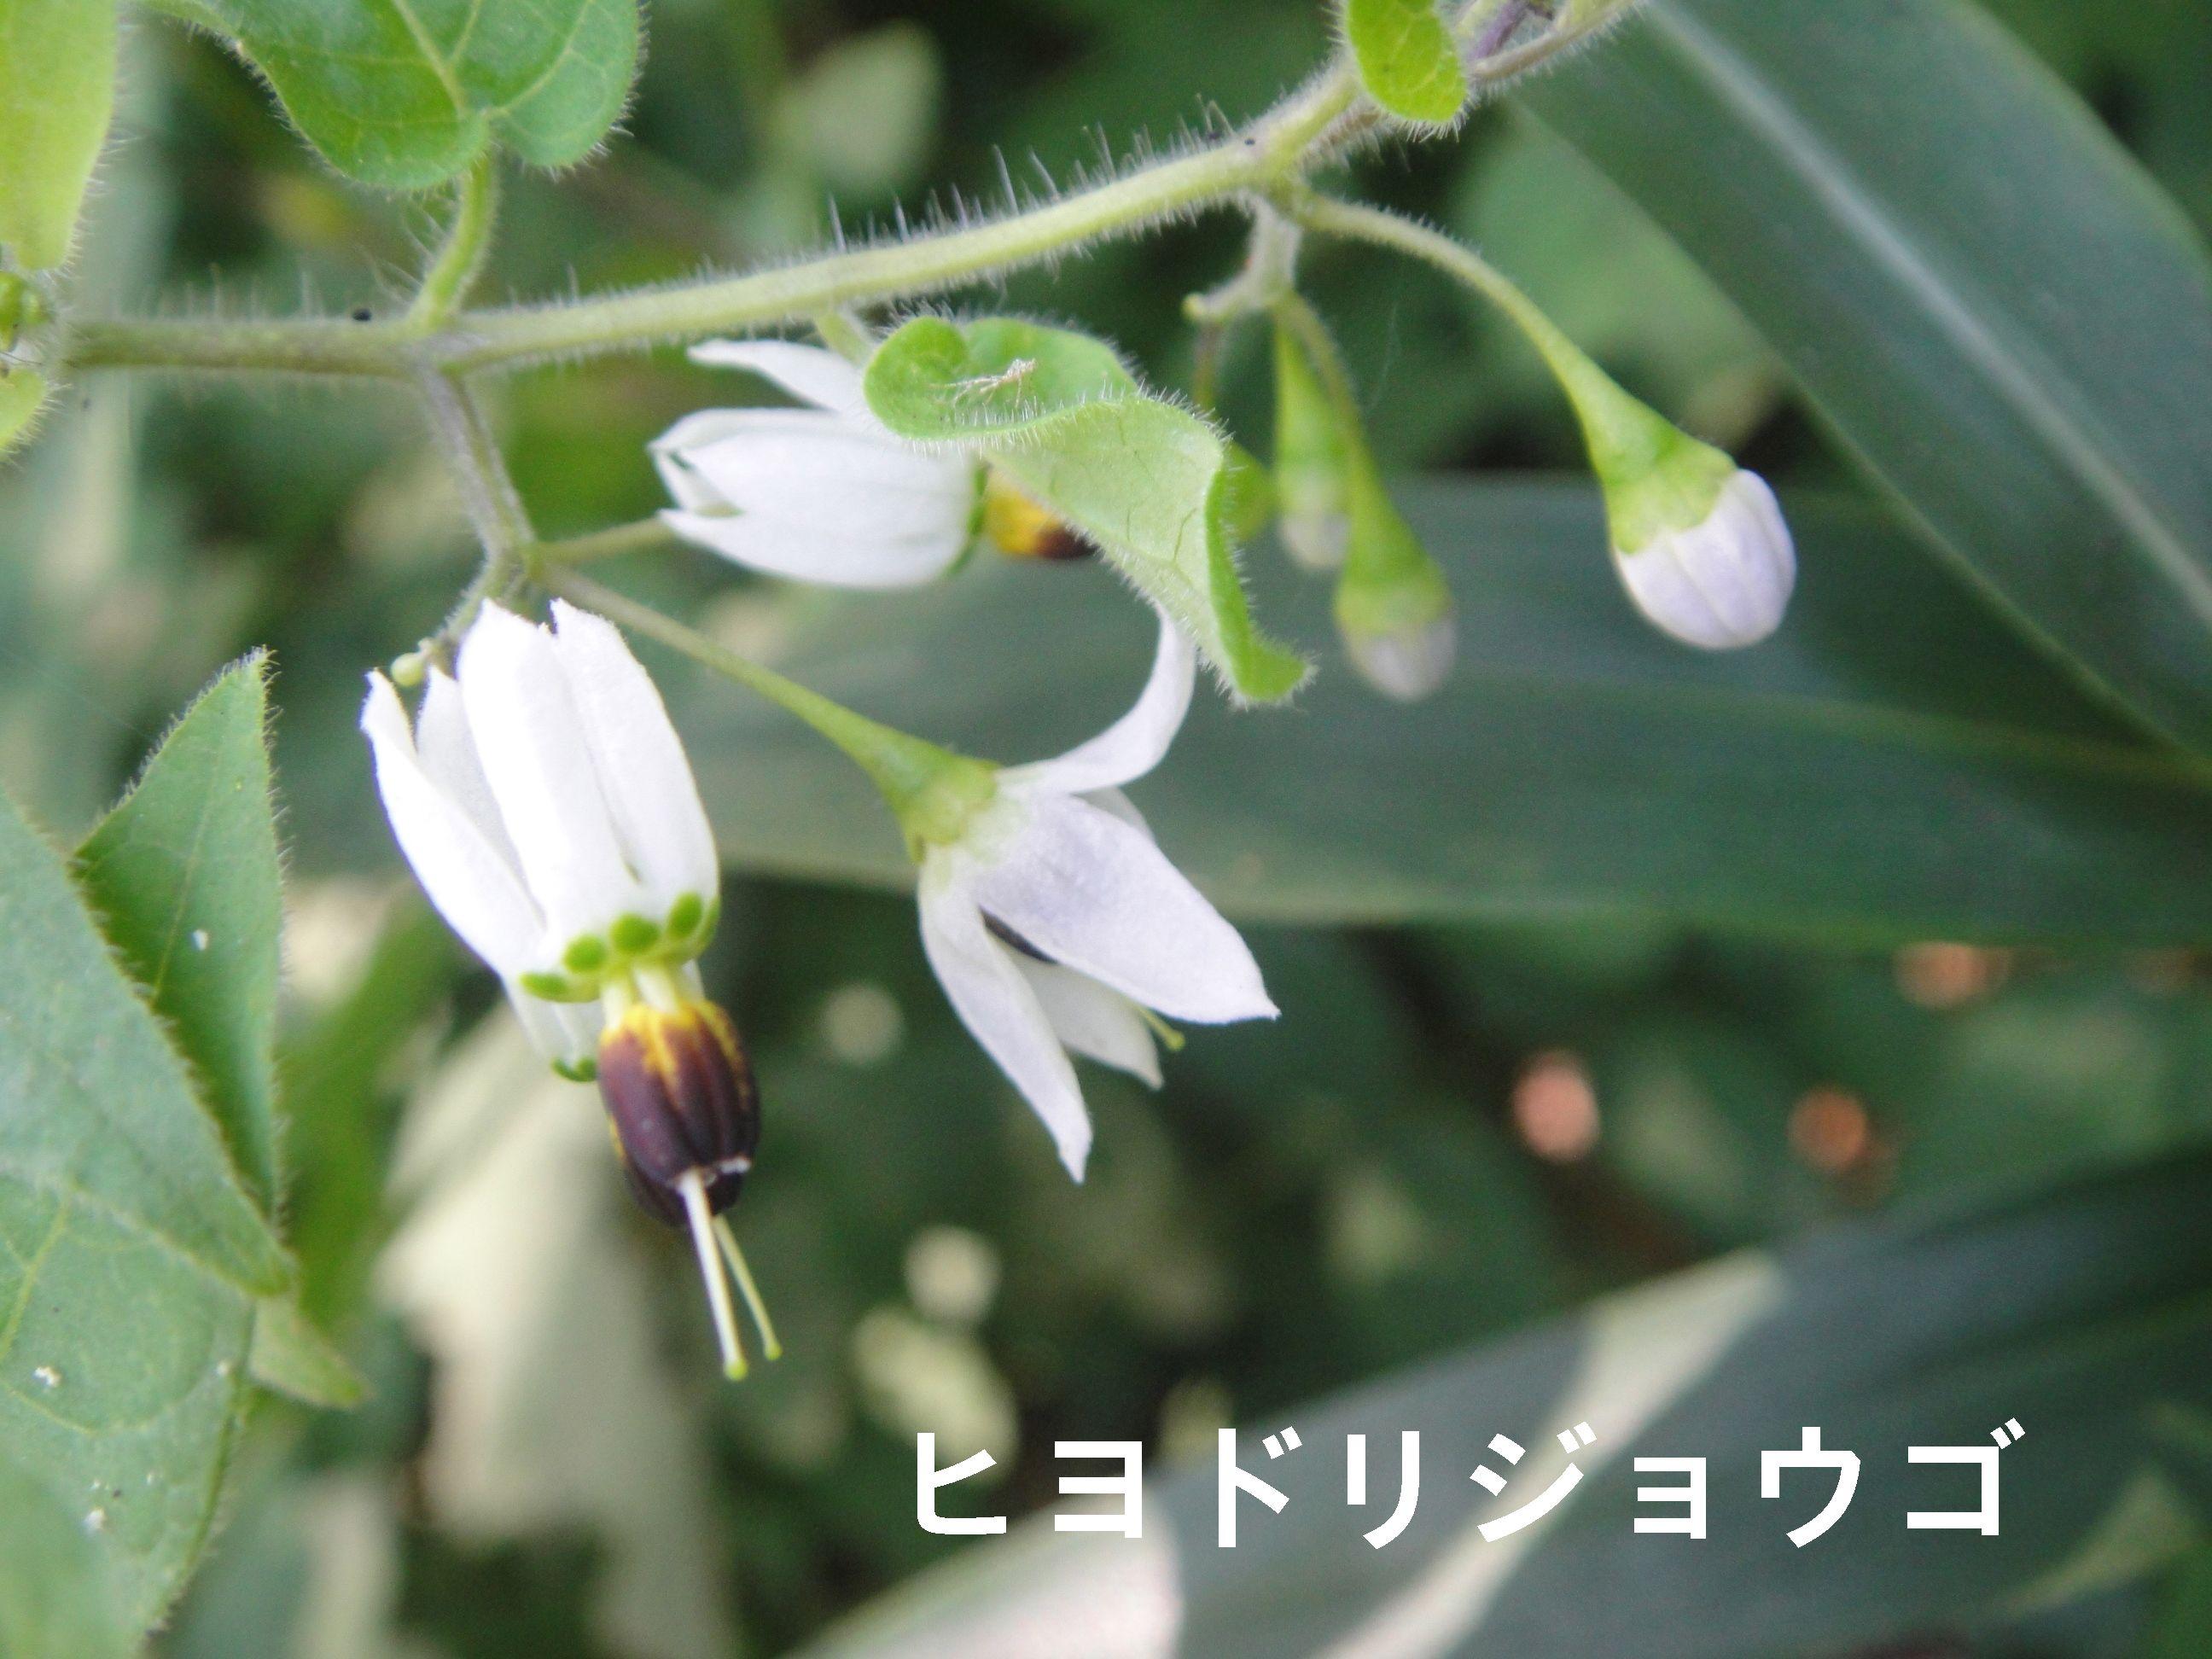 昼間咲いていたカラスウリの花!! in うみべの森H23年9月度植物調査_c0108460_15141892.jpg